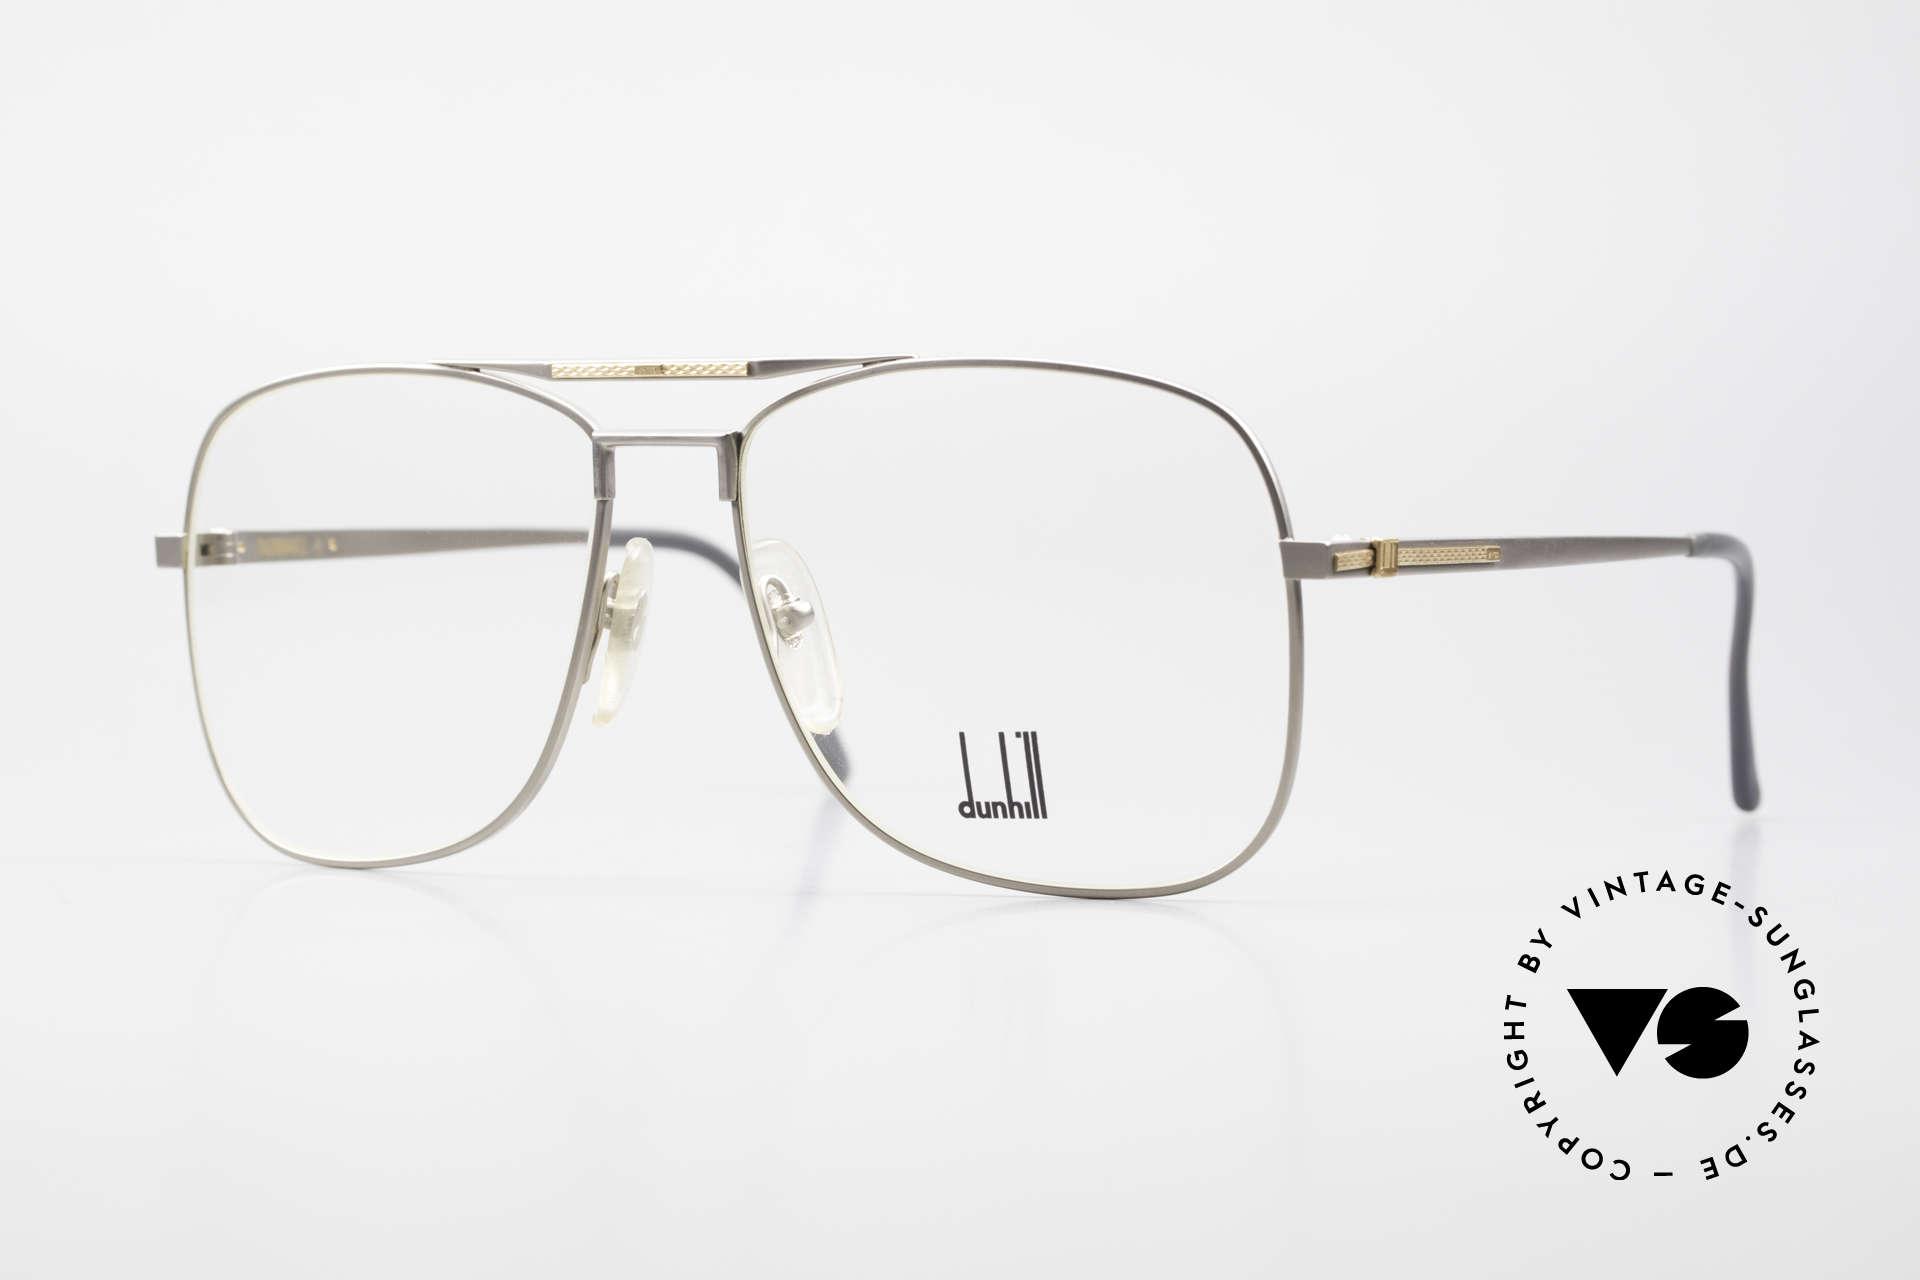 Dunhill 6038 18kt Gold Titanium Brille 80er, edler & hochwertiger geht's nicht - muss man fühlen!, Passend für Herren